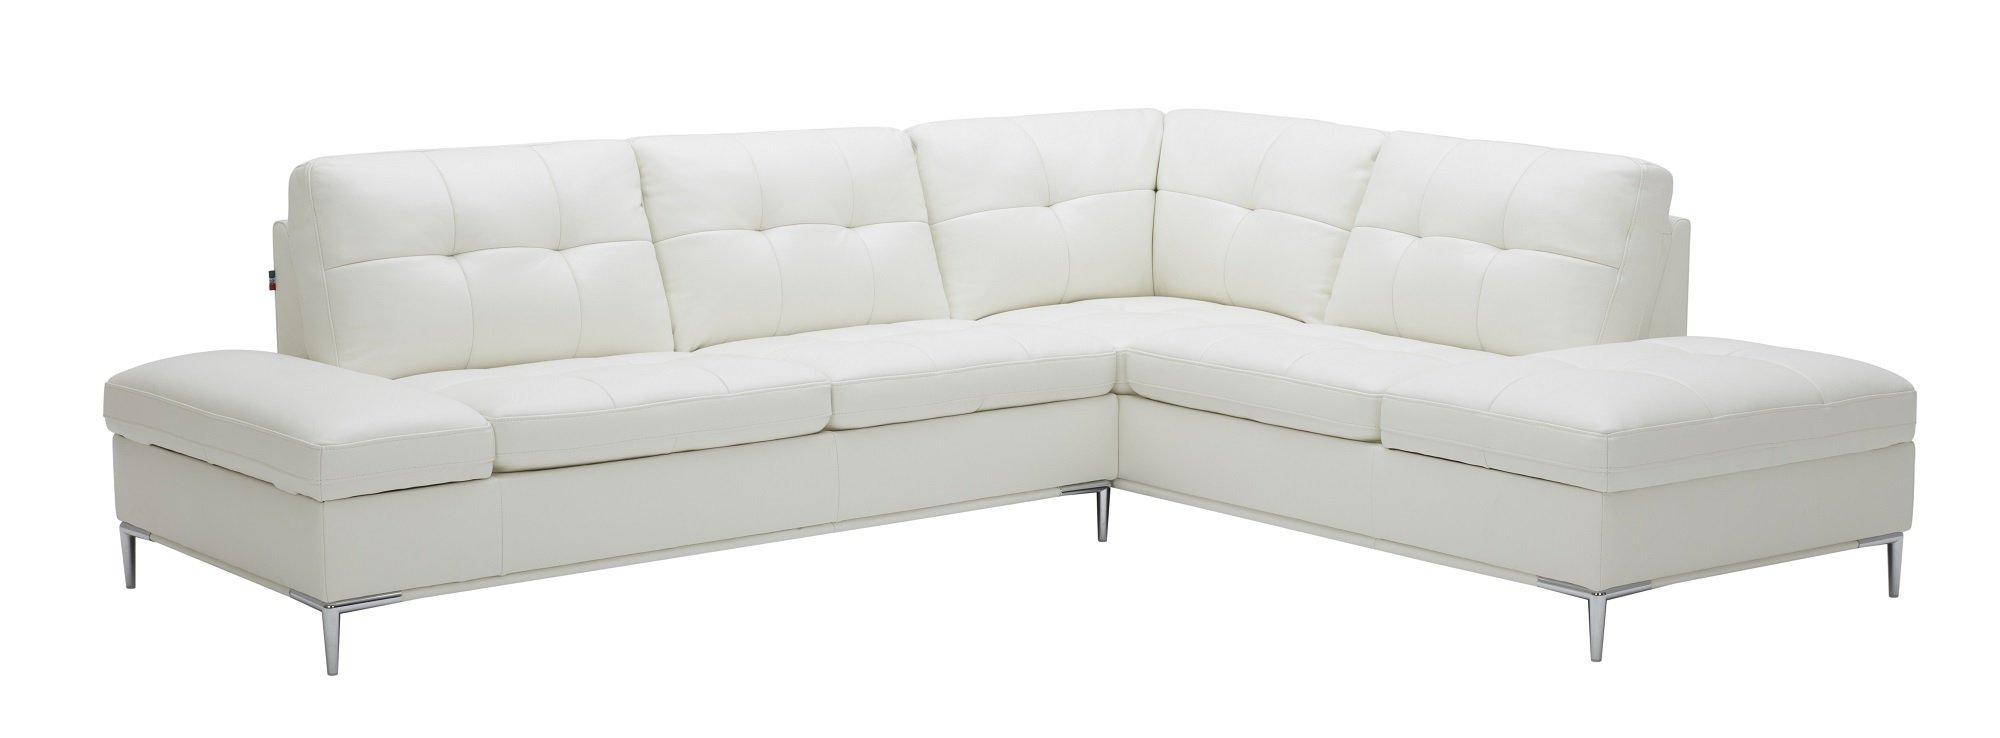 Leonardo White Sectional Sofa w/Storage by J&M Furniture